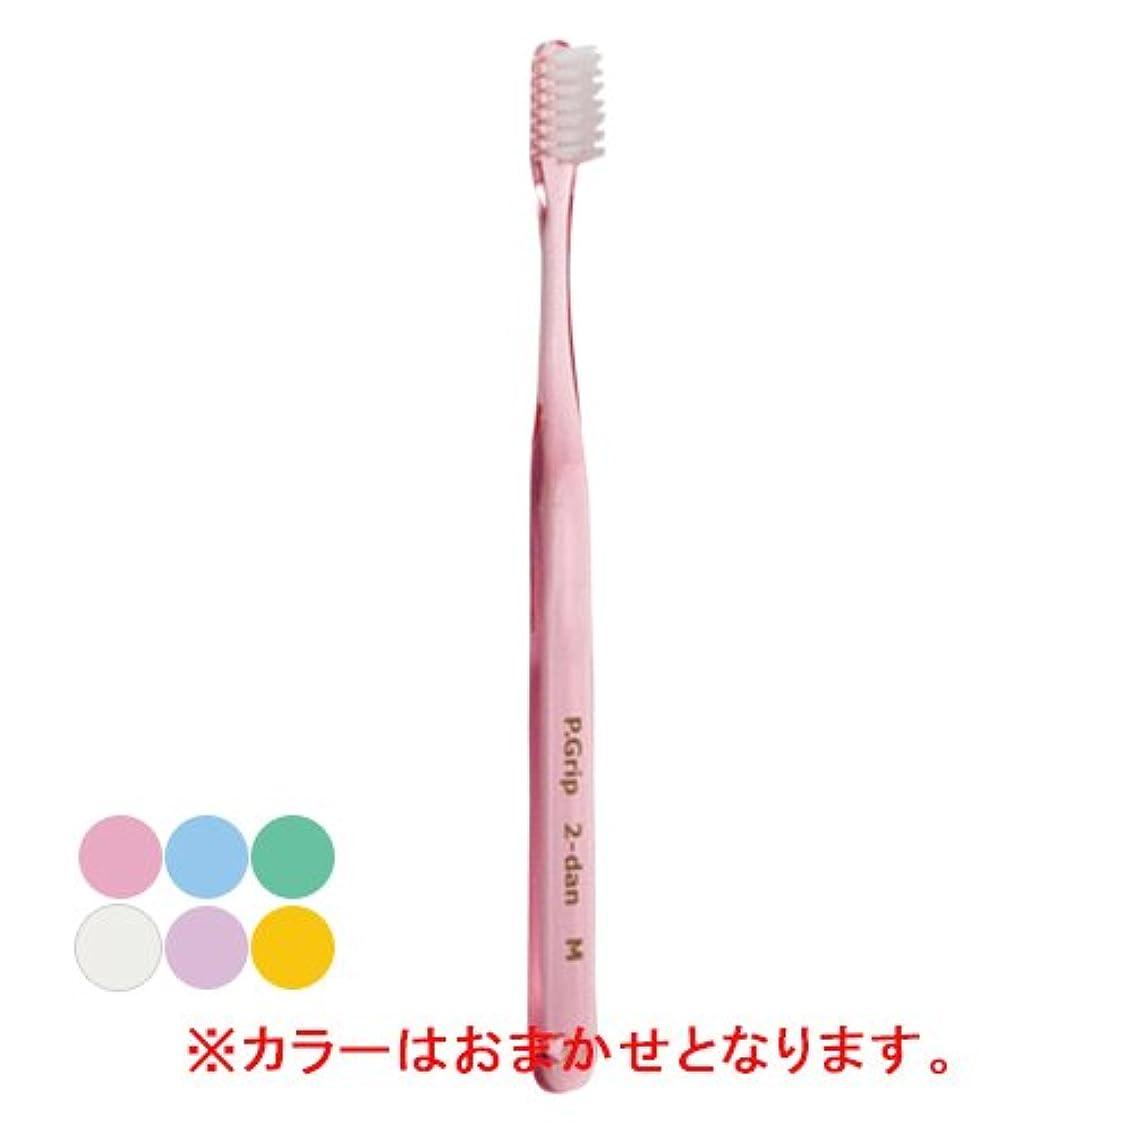 合成つらい反乱P.D.R.(ピーディーアール) P.Grip(ピーグリップ)歯ブラシ 二段植毛タイプ ミディアム(ふつう) 1本